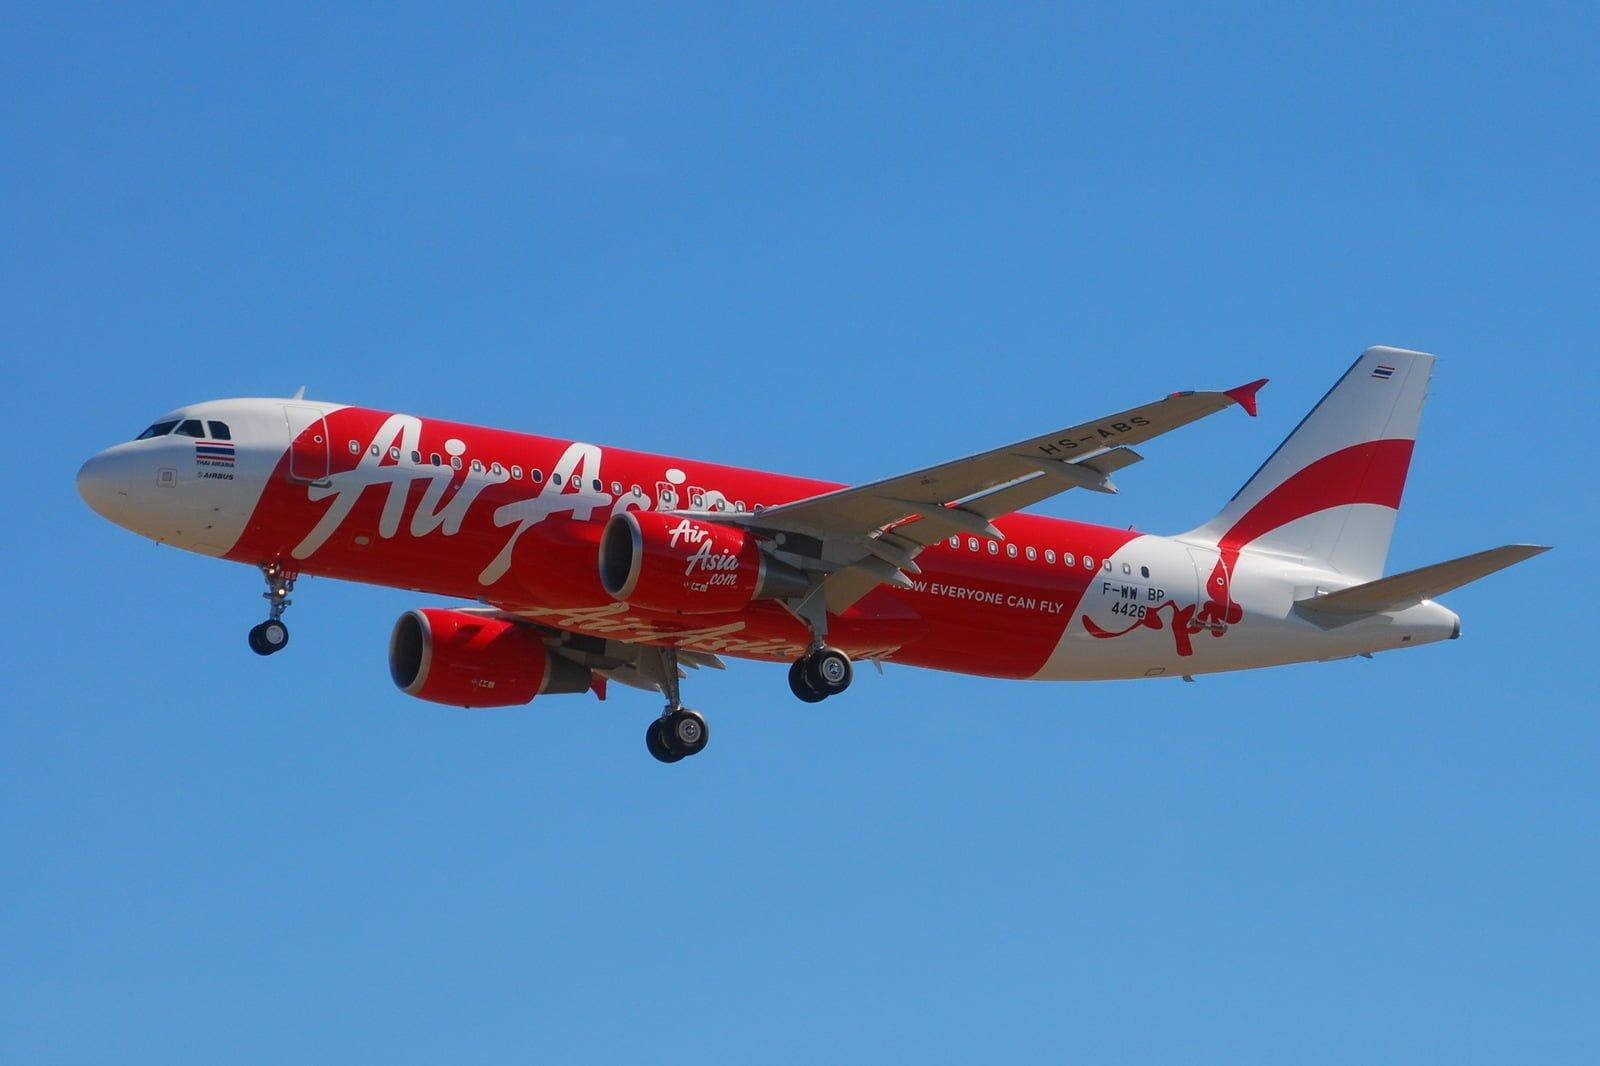 AirAsia 亞洲航空 7 月快閃促銷 72 小時優惠 788 元